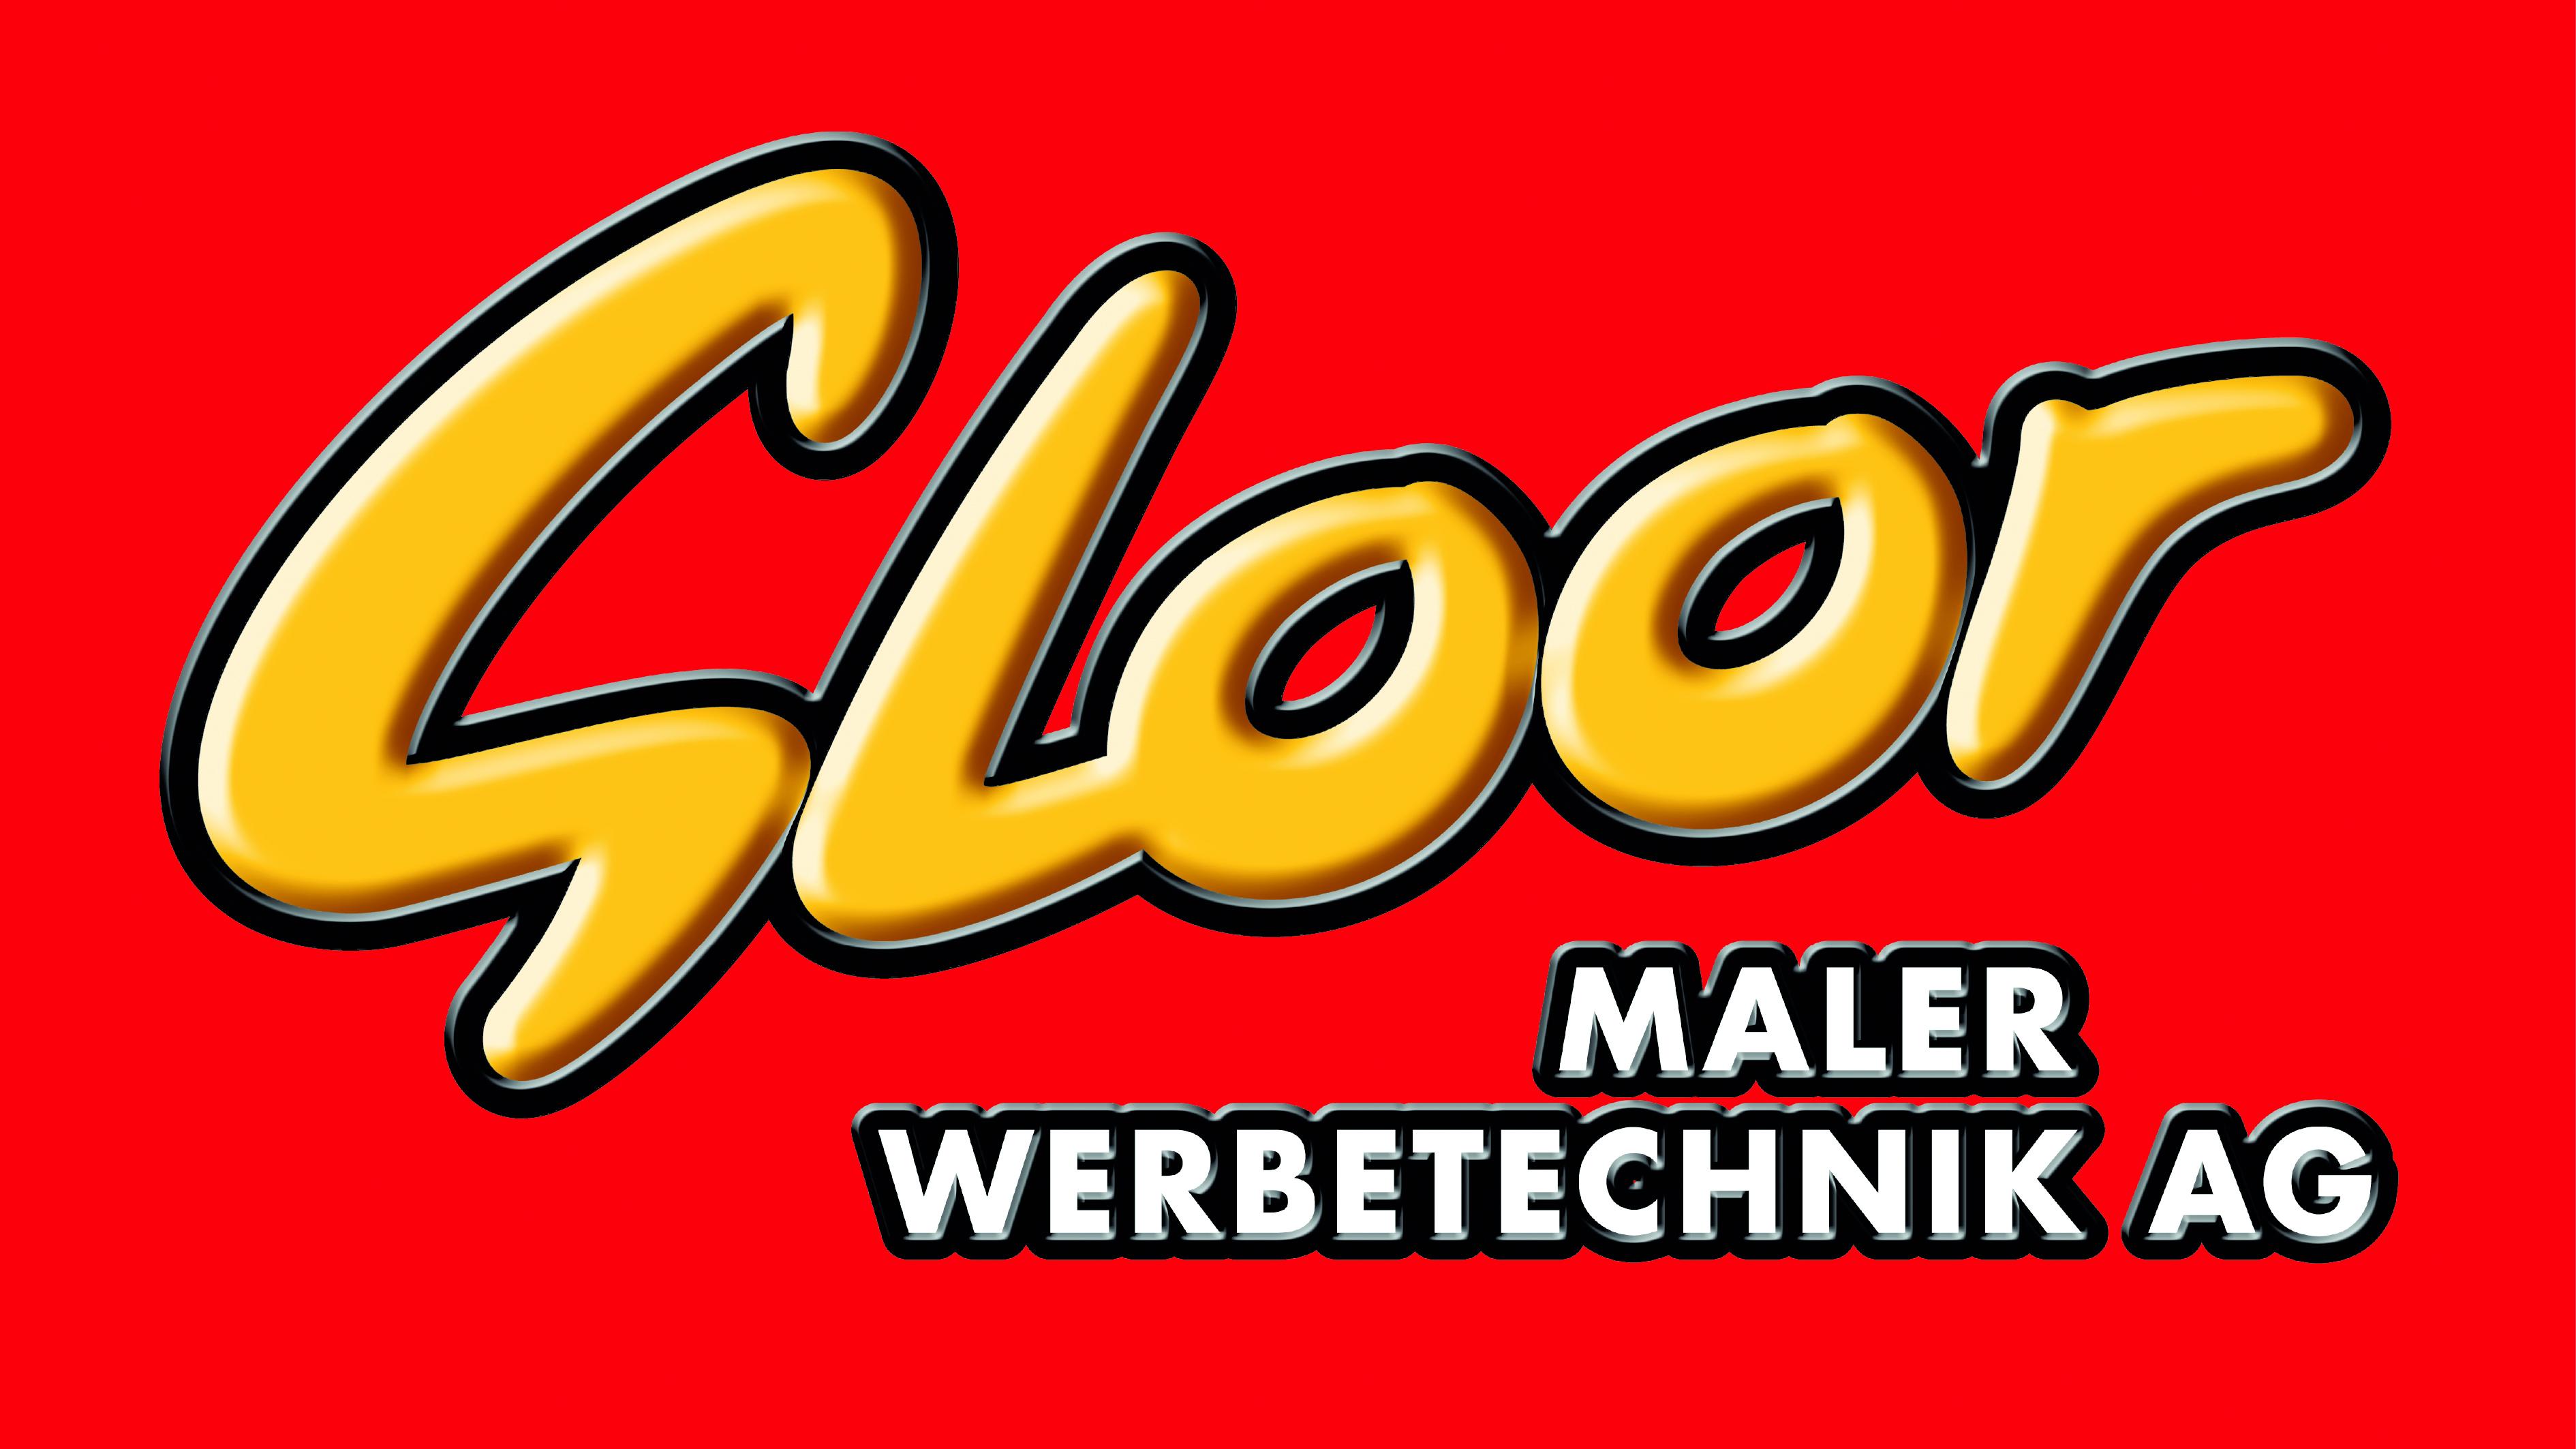 Gloor Maler Werbetechnik